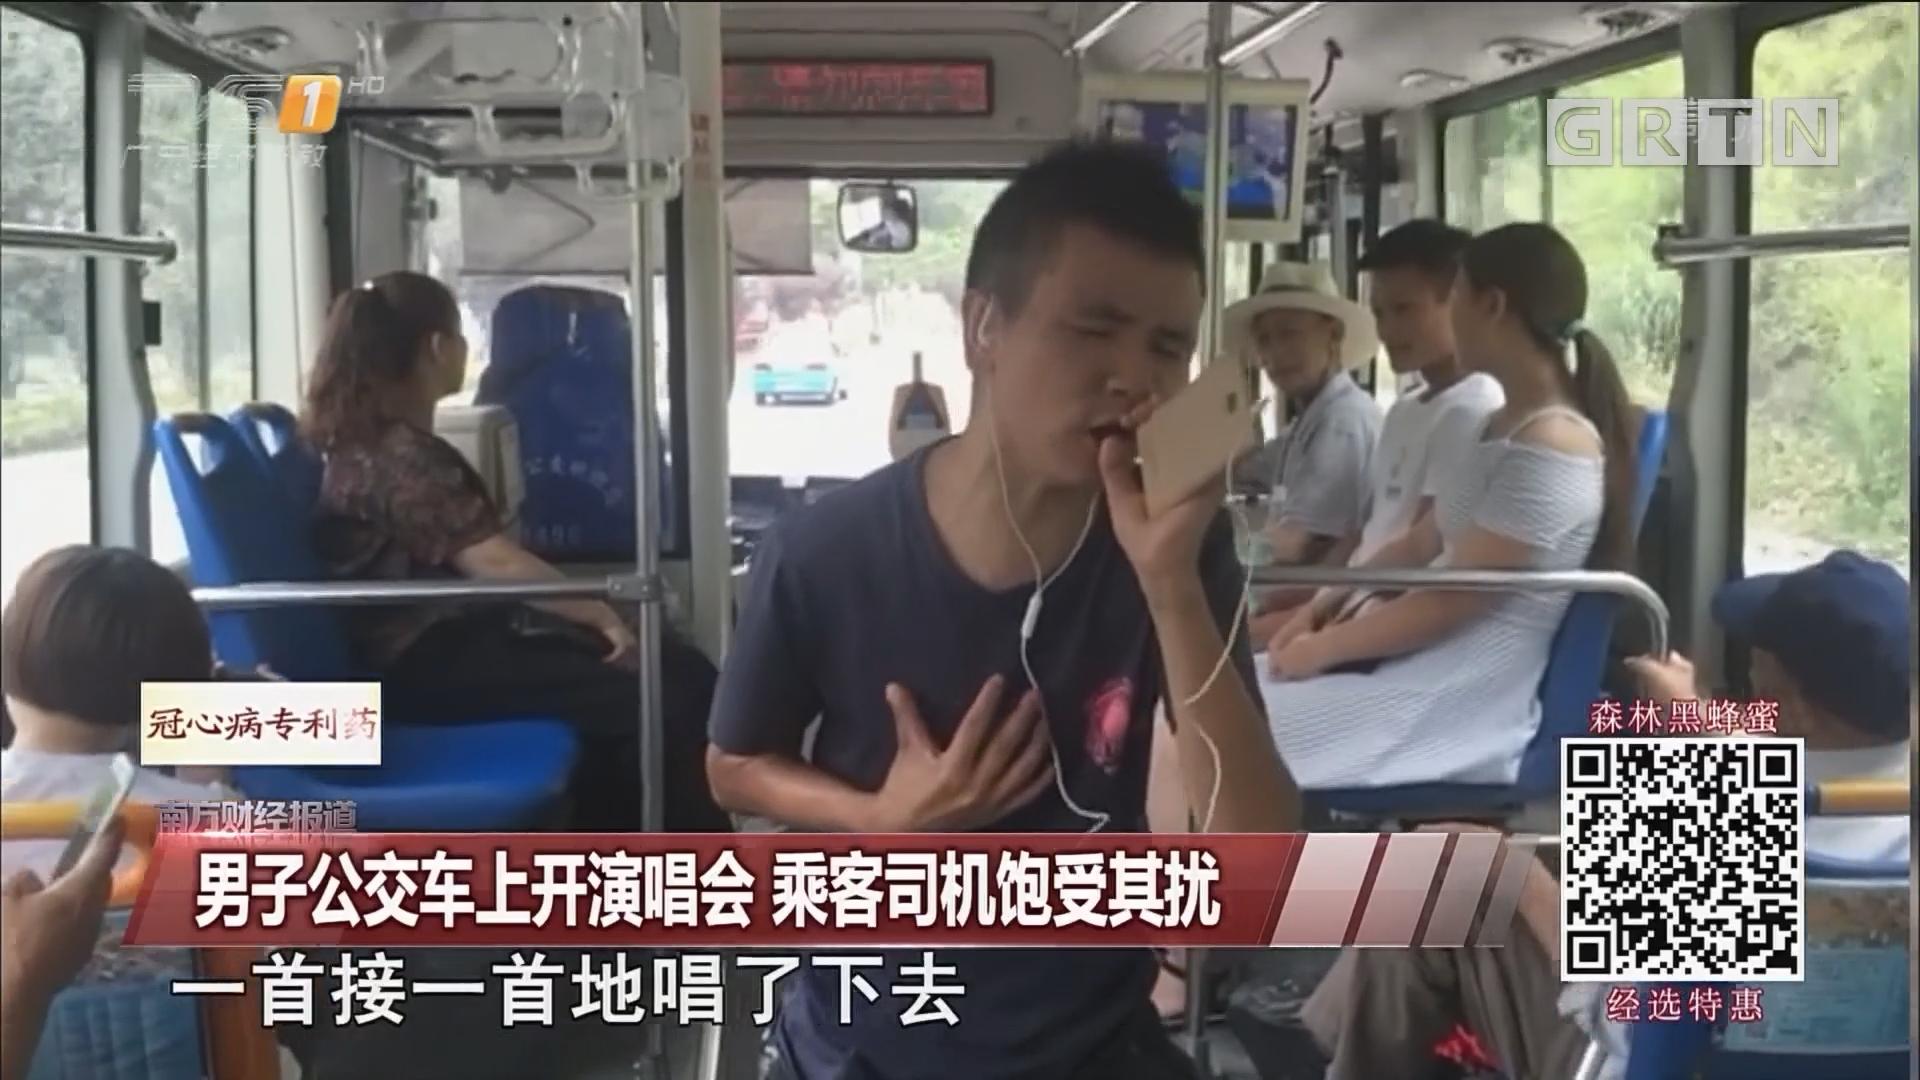 男子公交车上开演唱会 乘客司机饱受其扰